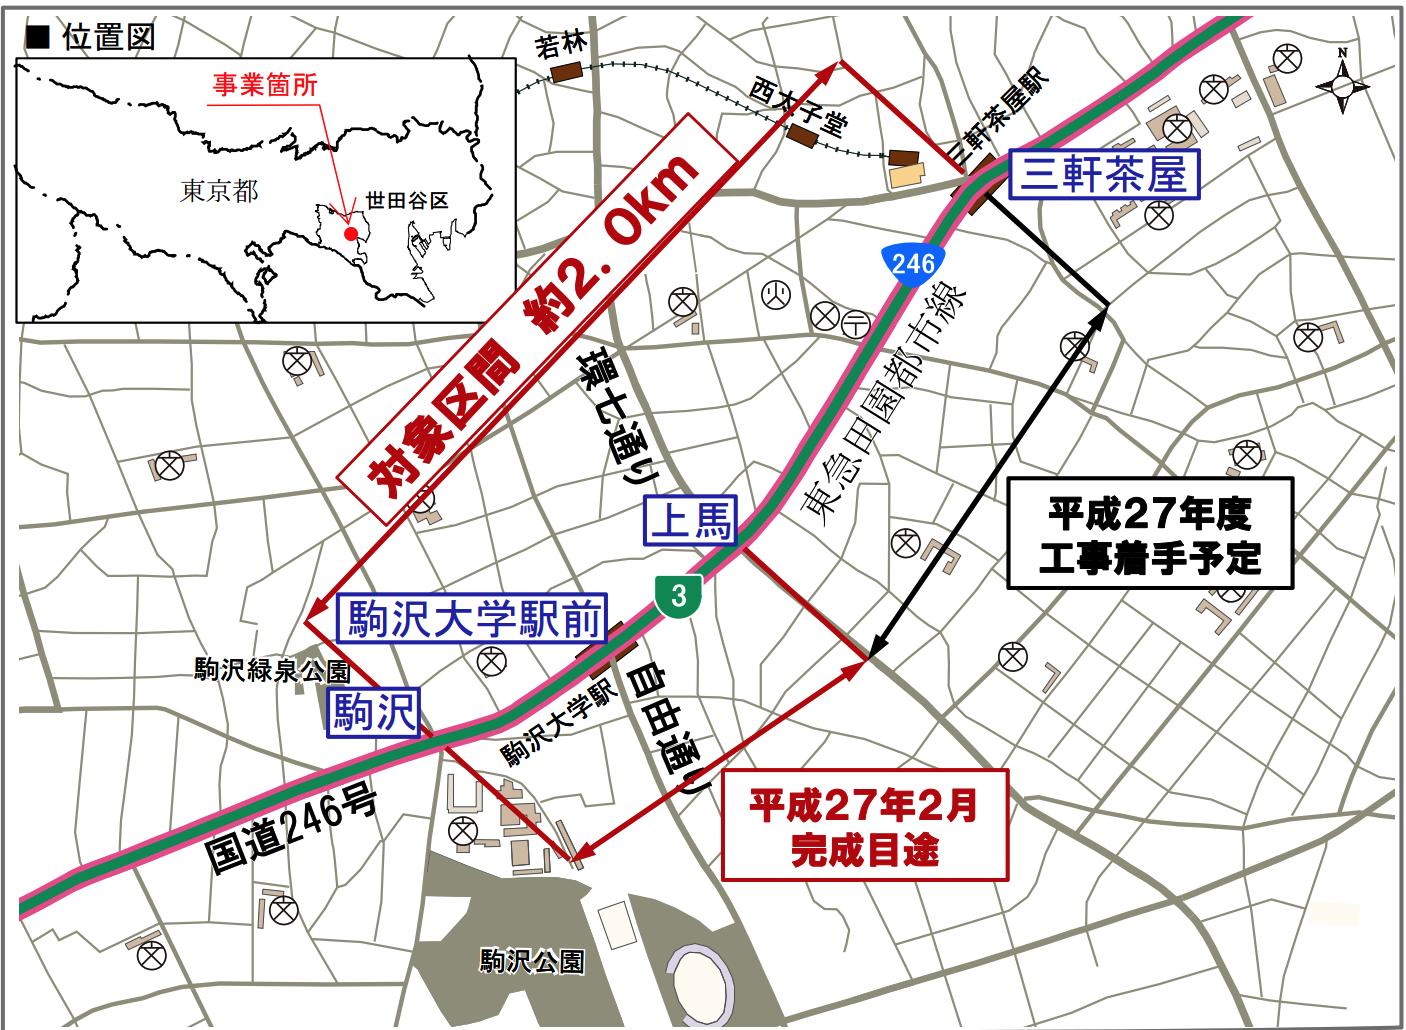 246バス自転車レーン実走評価会